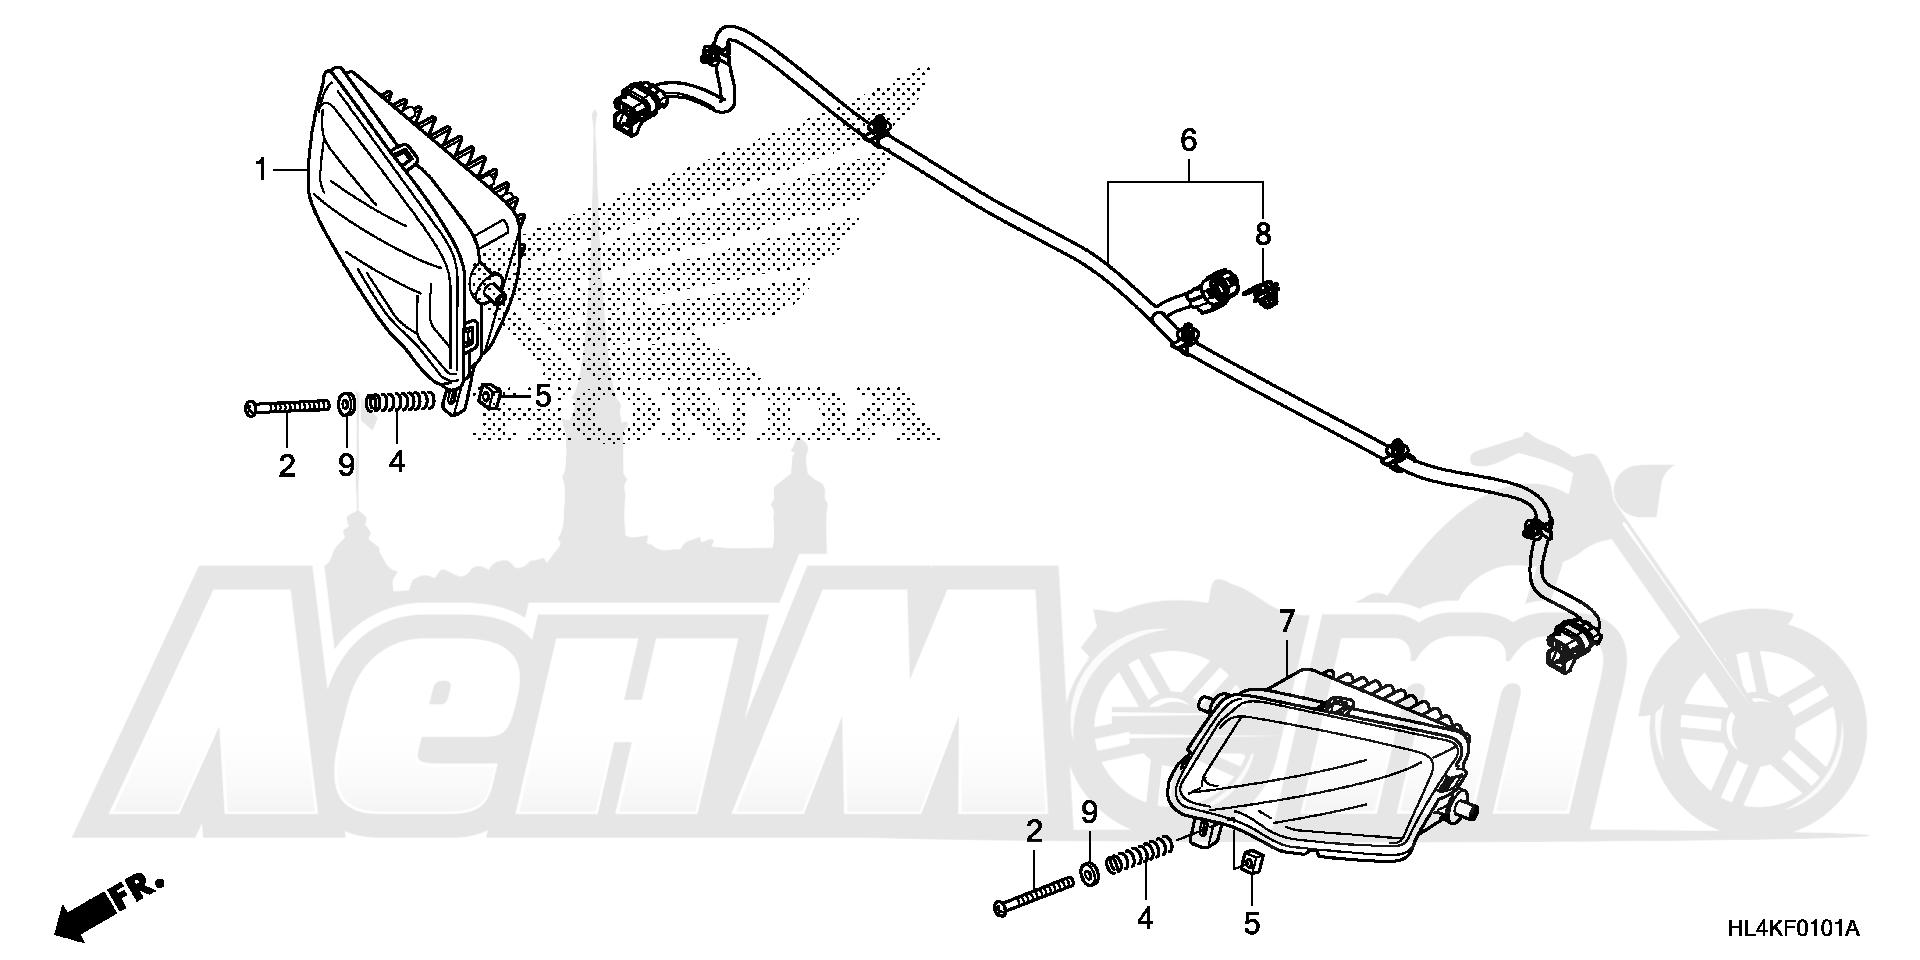 Запчасти для Квадроцикла Honda 2019 SXS1000M5L Раздел: HEADLIGHT (2) | передняя фара (2)